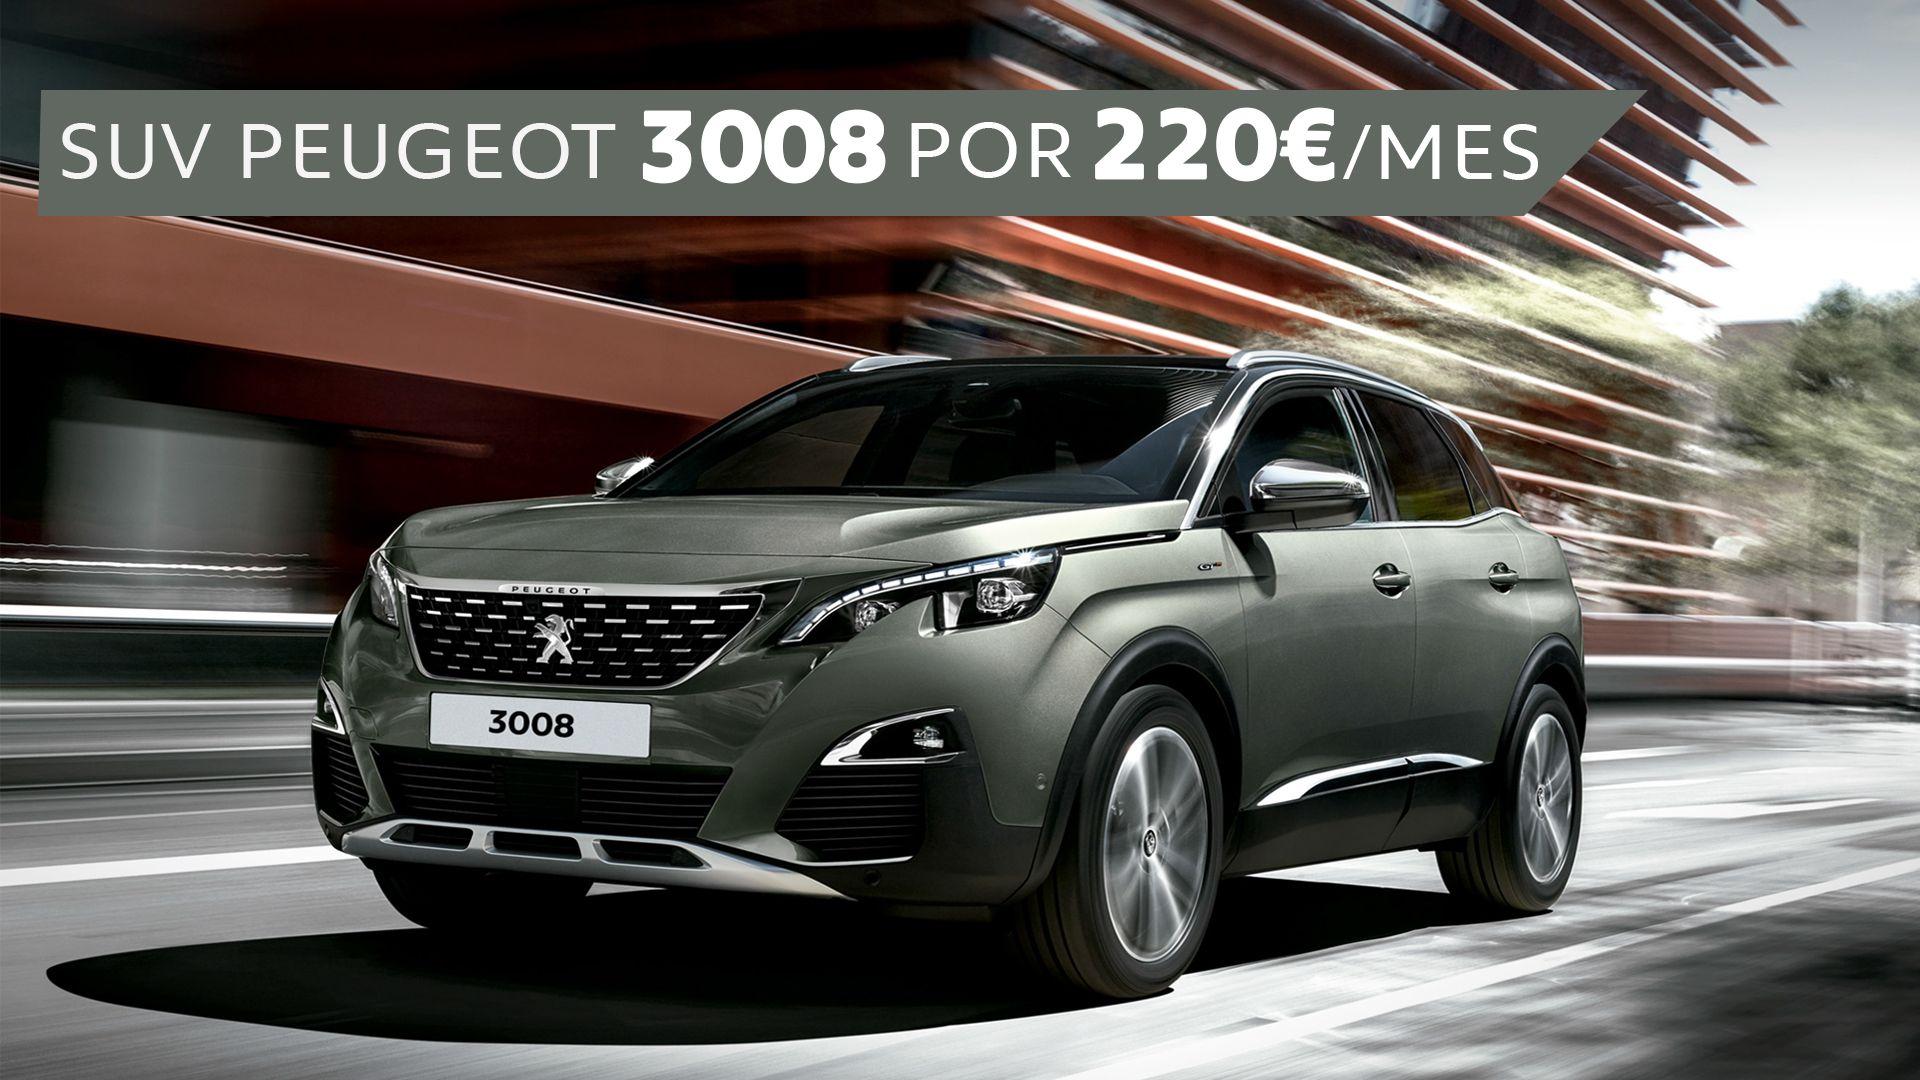 Conduce un SUV Peugeot 3008 por sólo 220€/mes